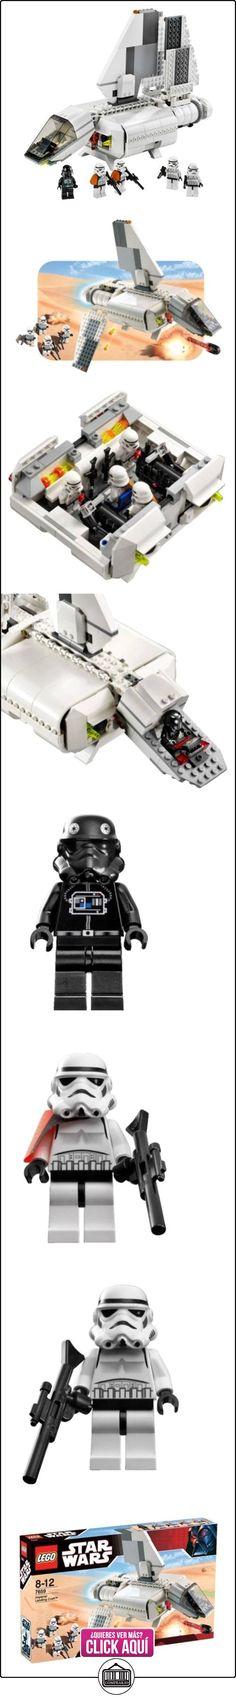 LEGO Star Wars 7659 Imperial Landing Craft - Nave de aterrizaje imperial  ✿ Lego - el surtido más amplio ✿ ▬► Ver oferta: https://comprar.io/goto/B000HHHT5U